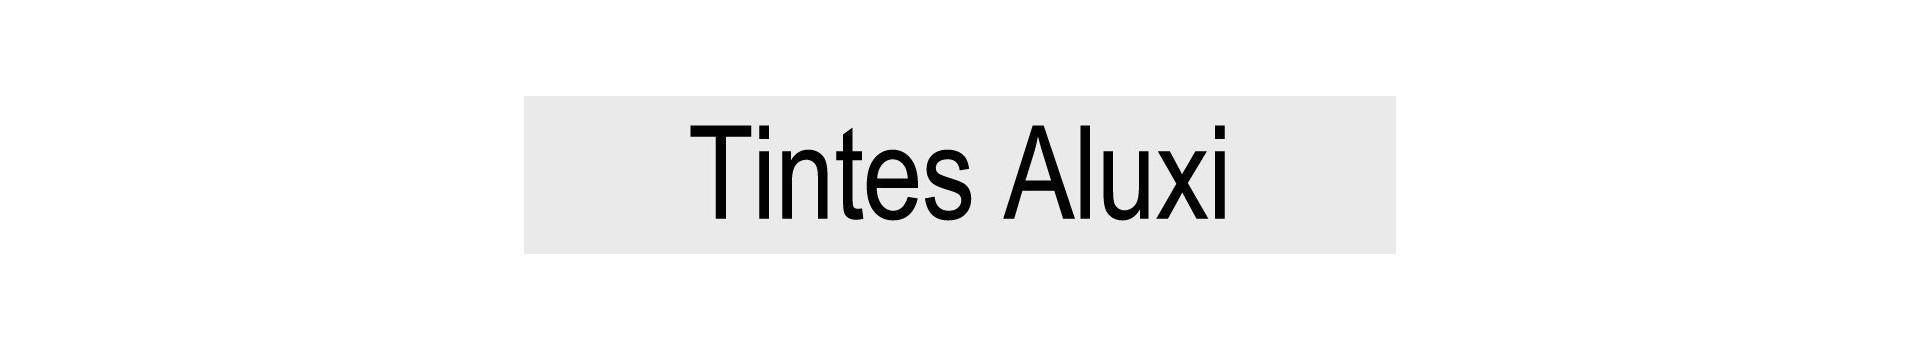 Tintes ALUXI